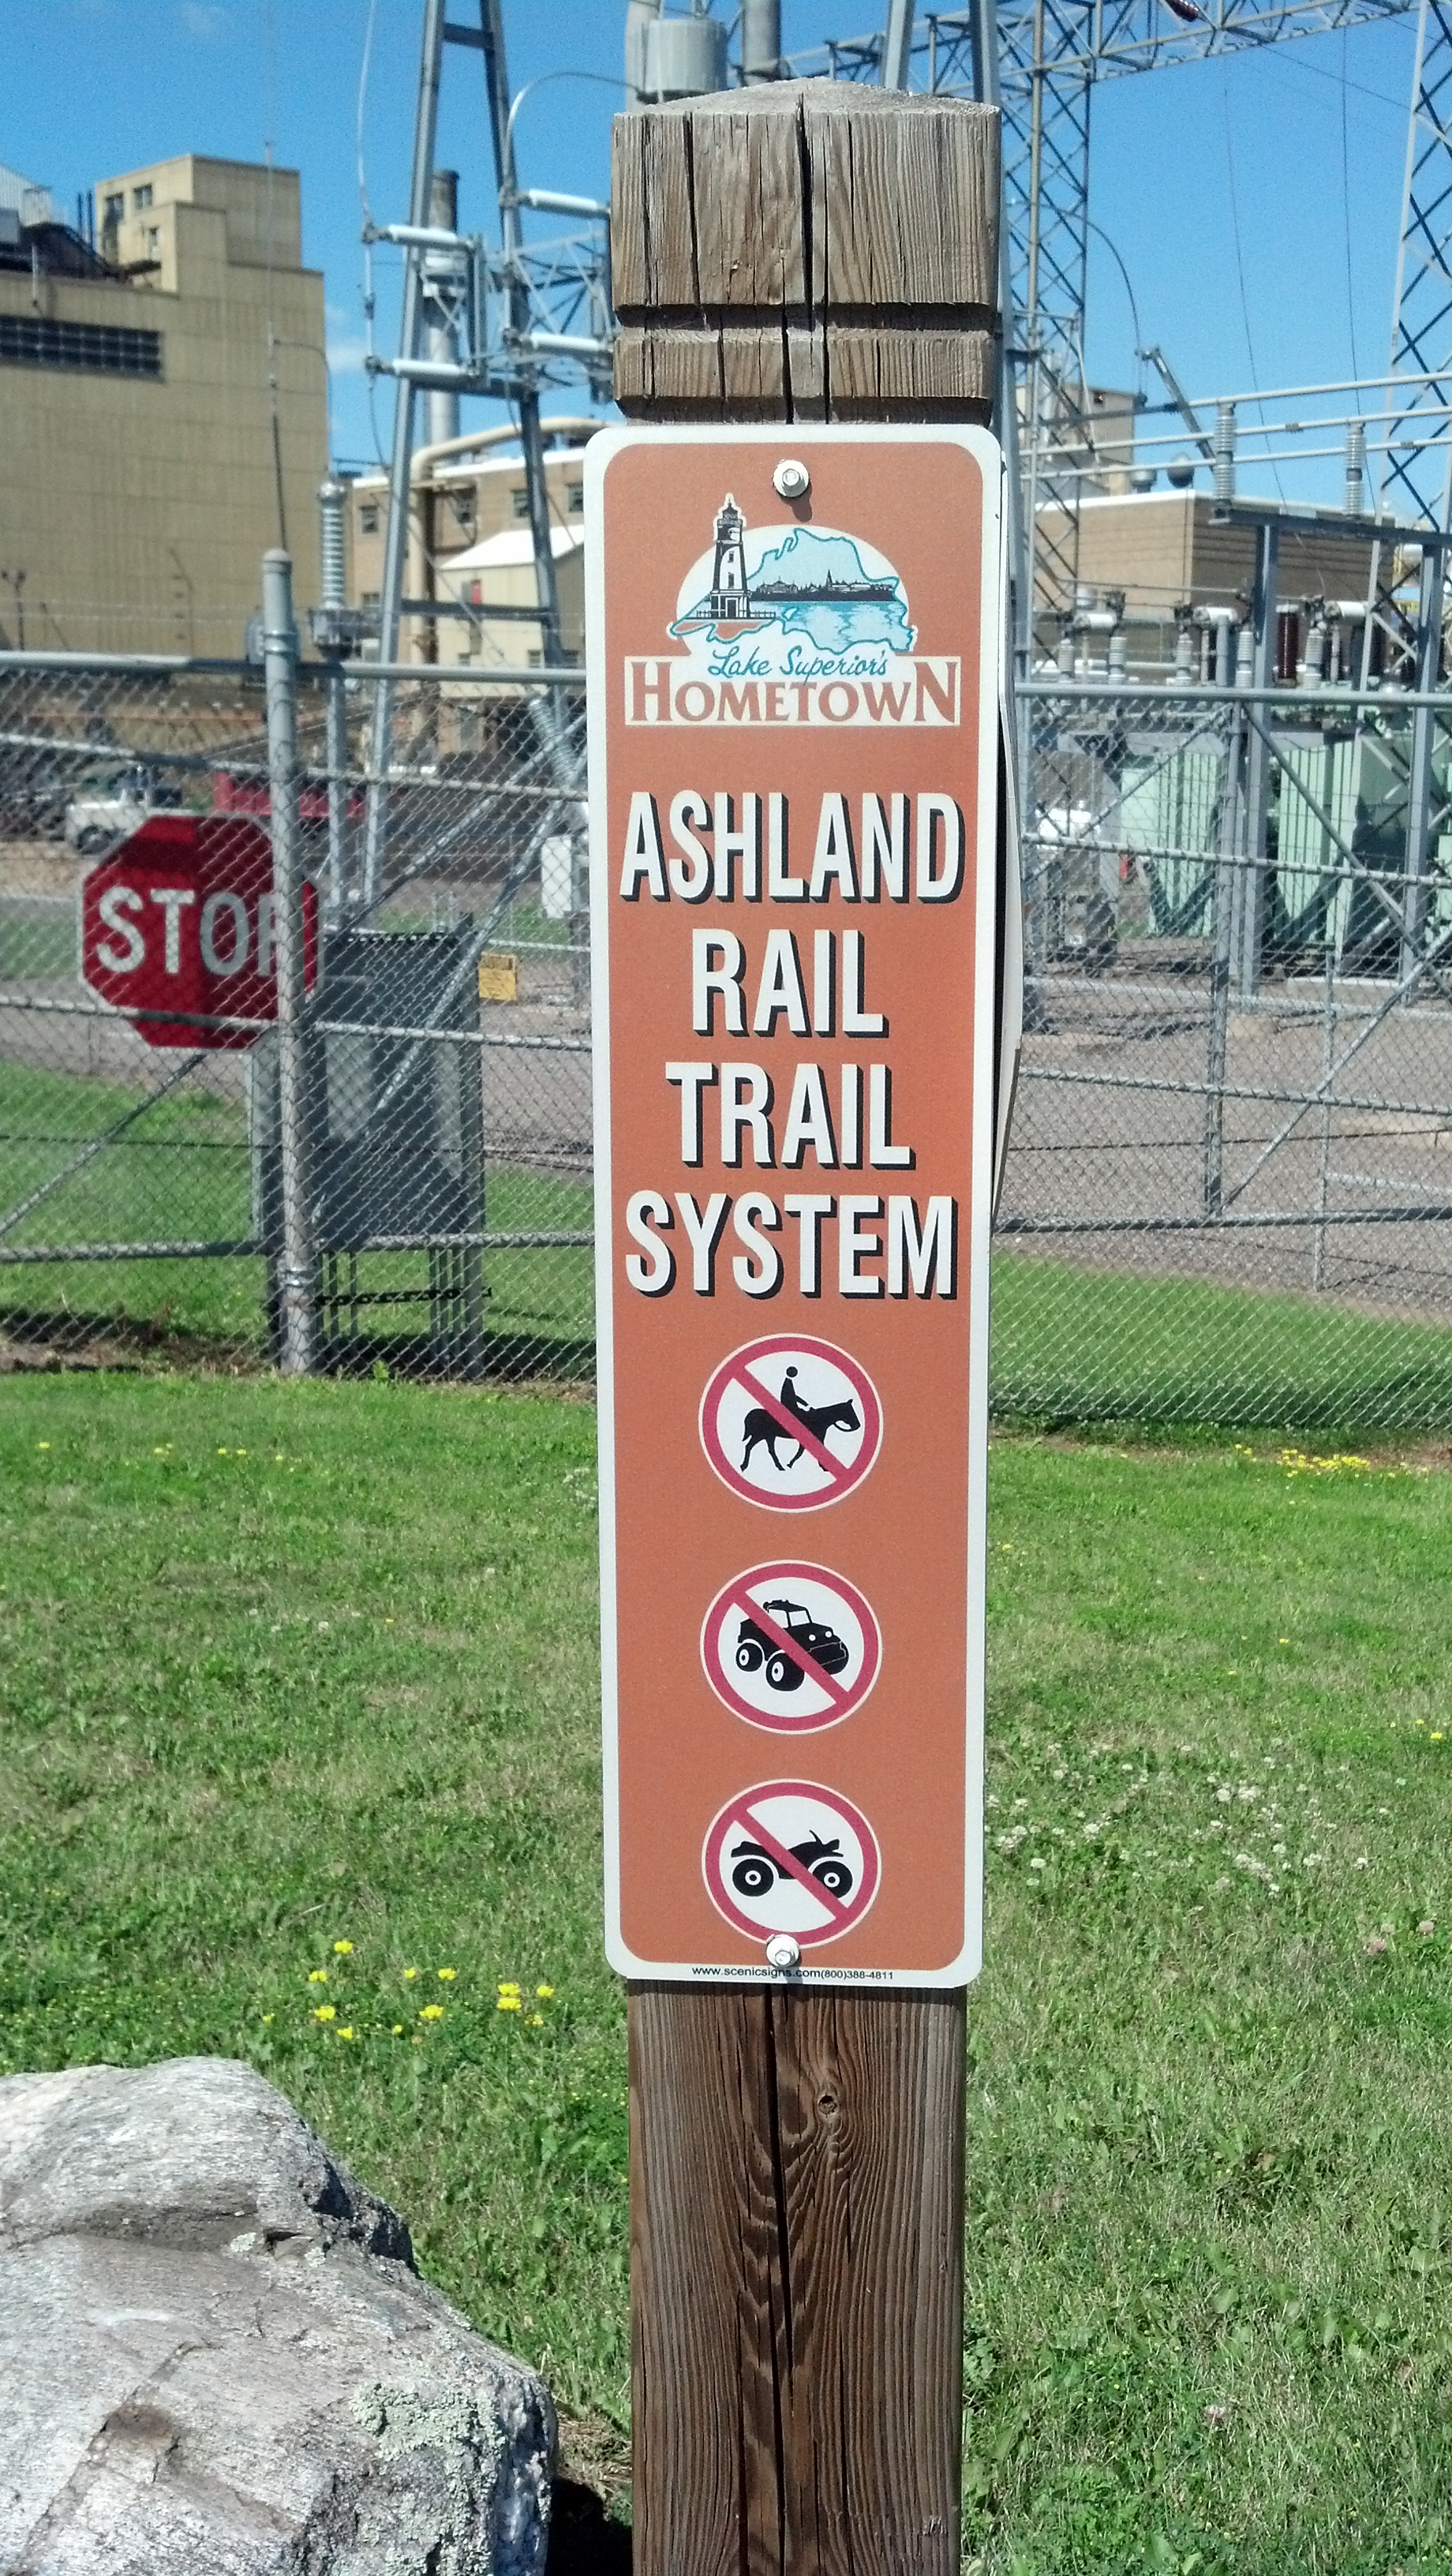 It's a rail trail.